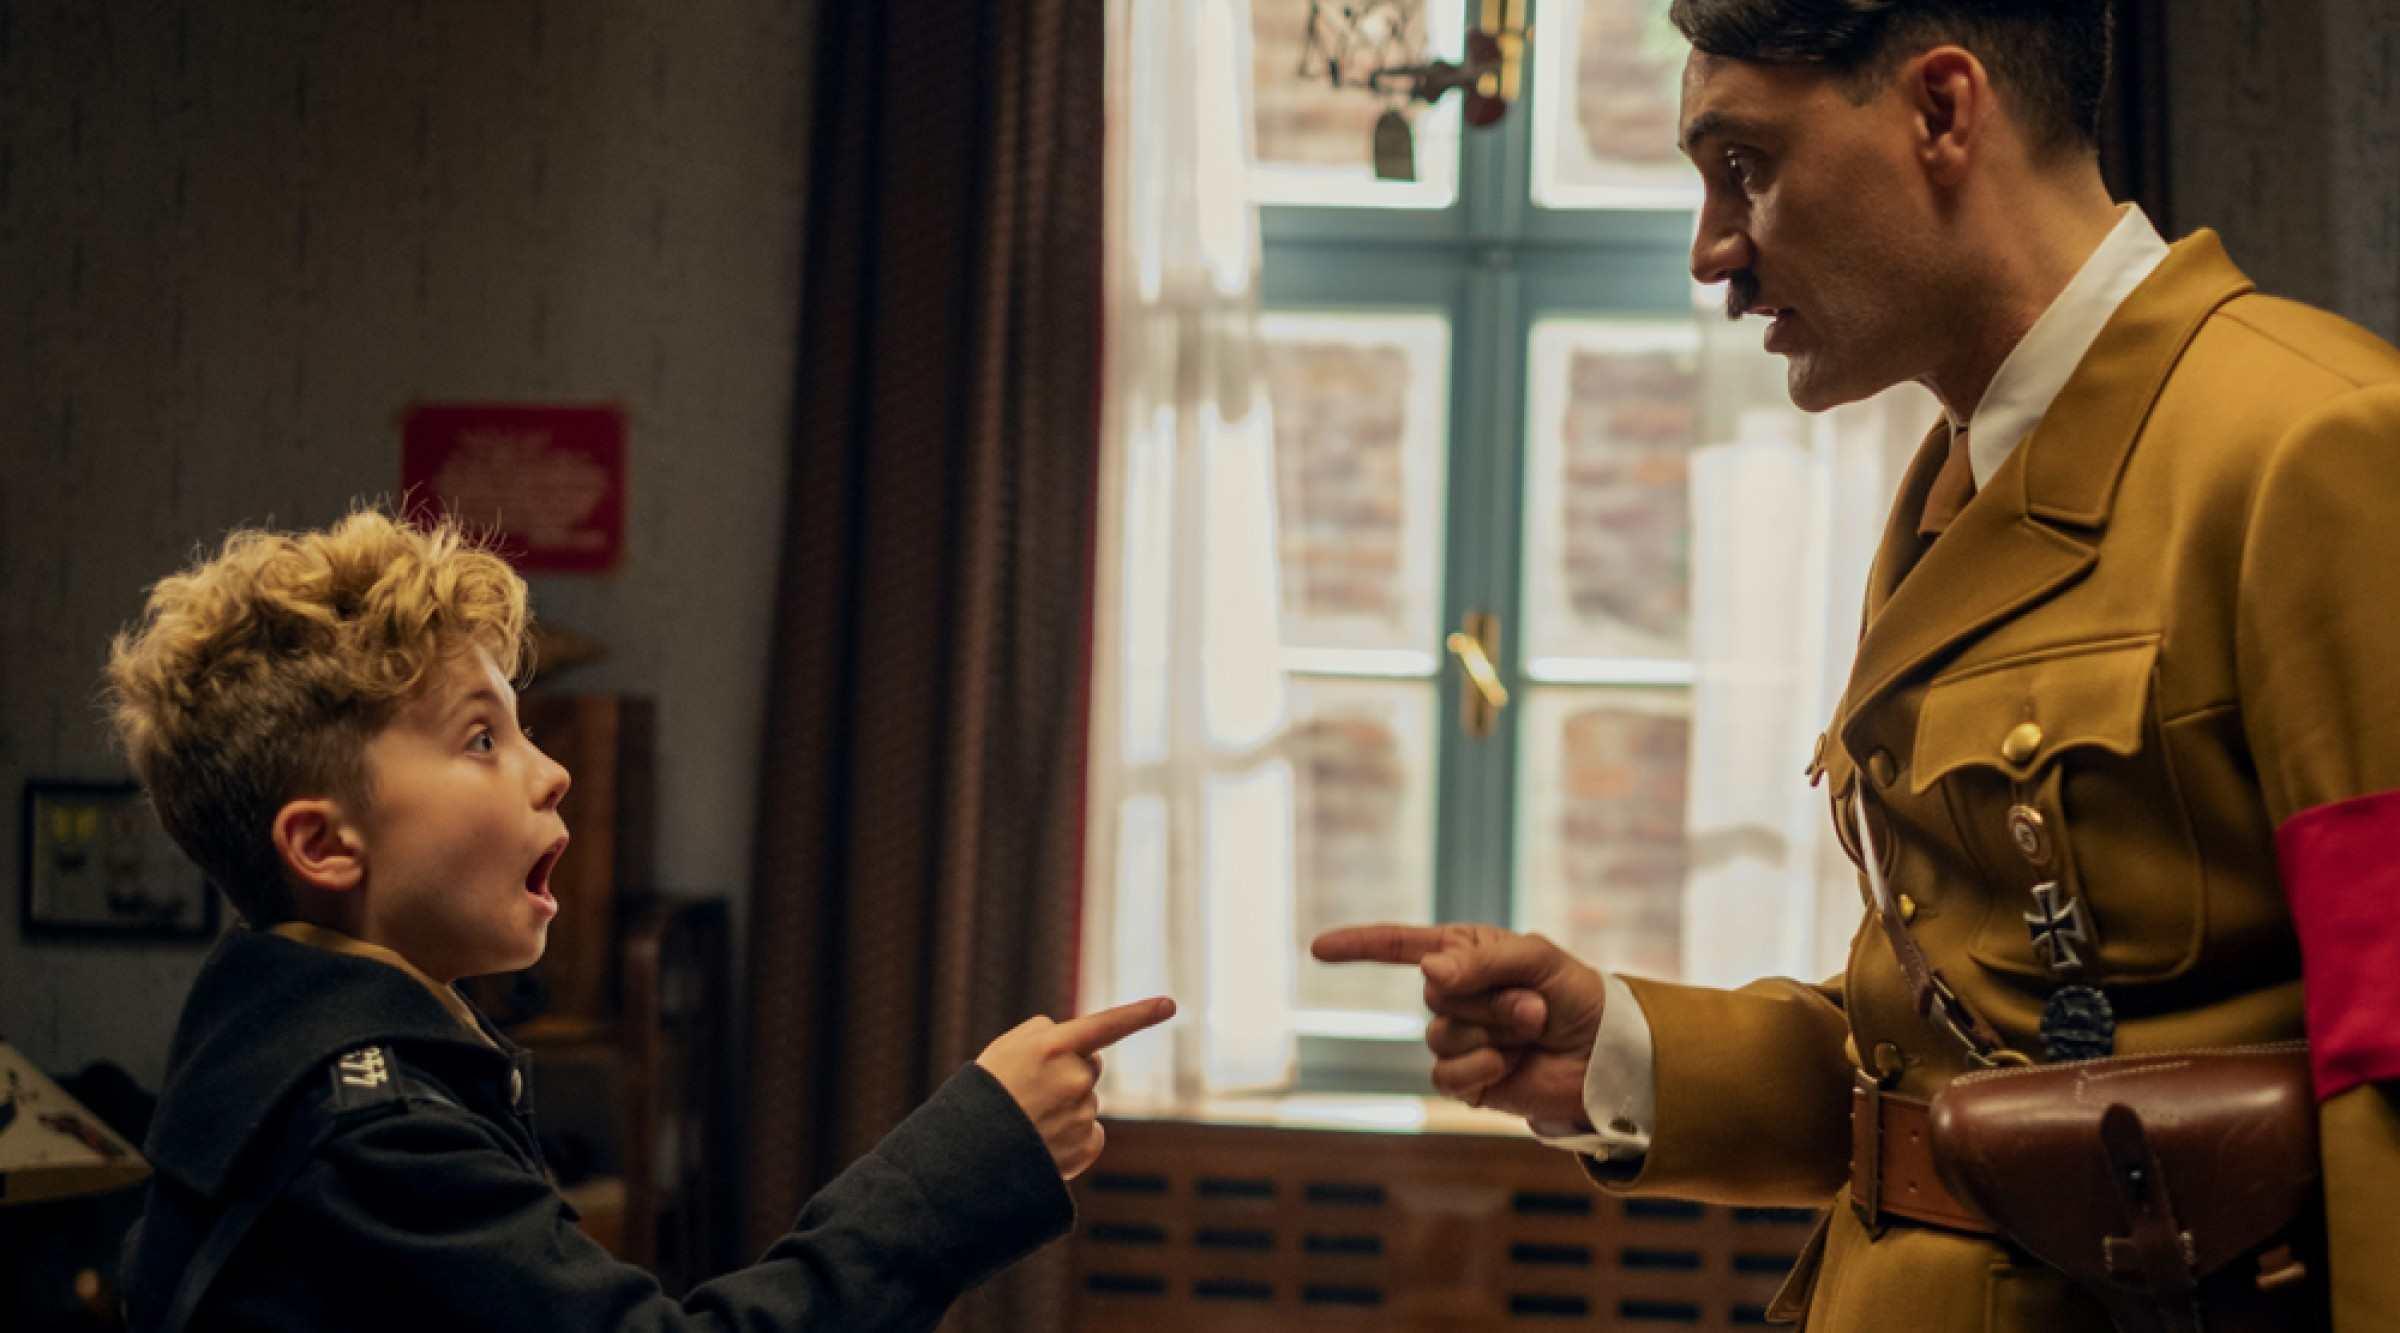 奥斯卡提名《乔乔的异想世界》如何颠覆原著?